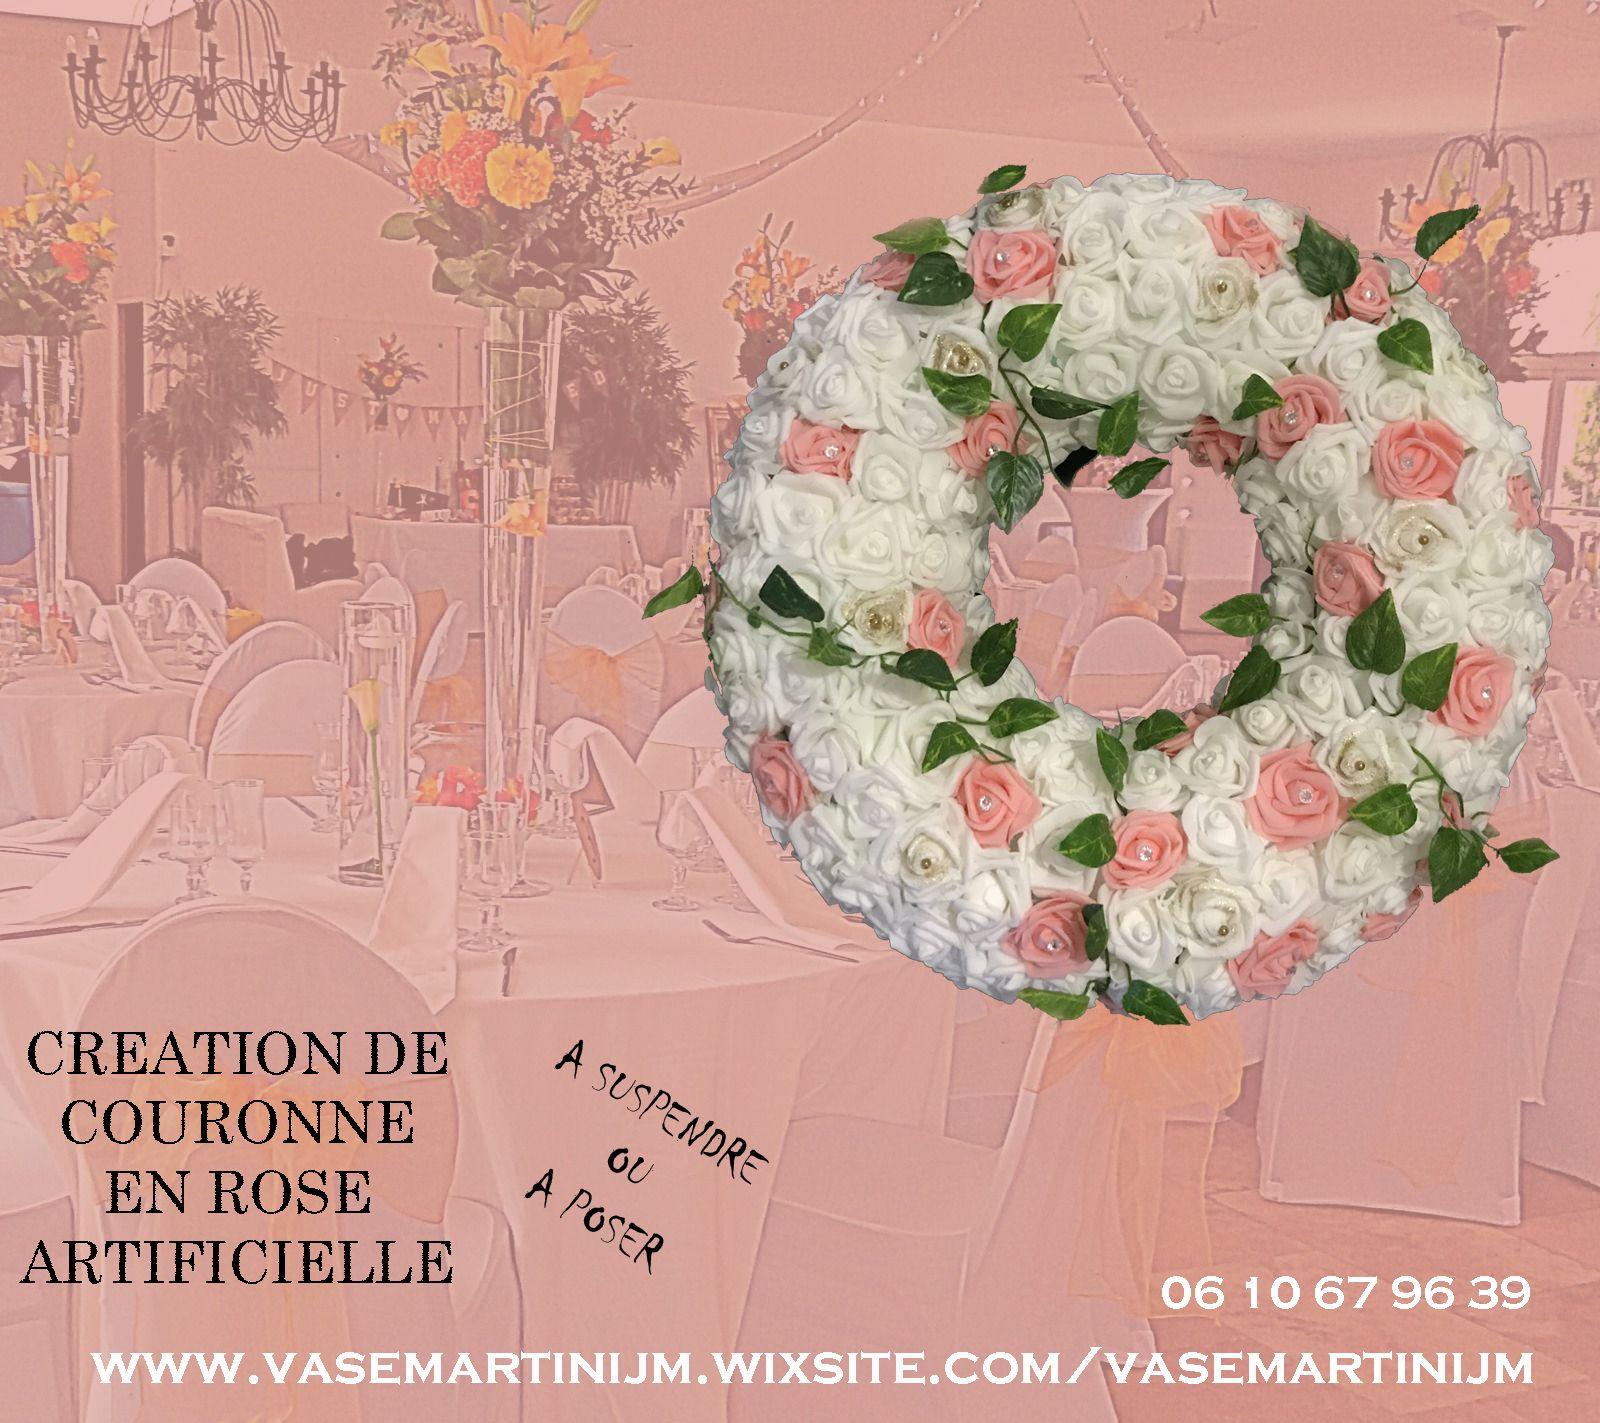 Creation De Couronne Fleurie En Fleur Artificielle Sur Marseille